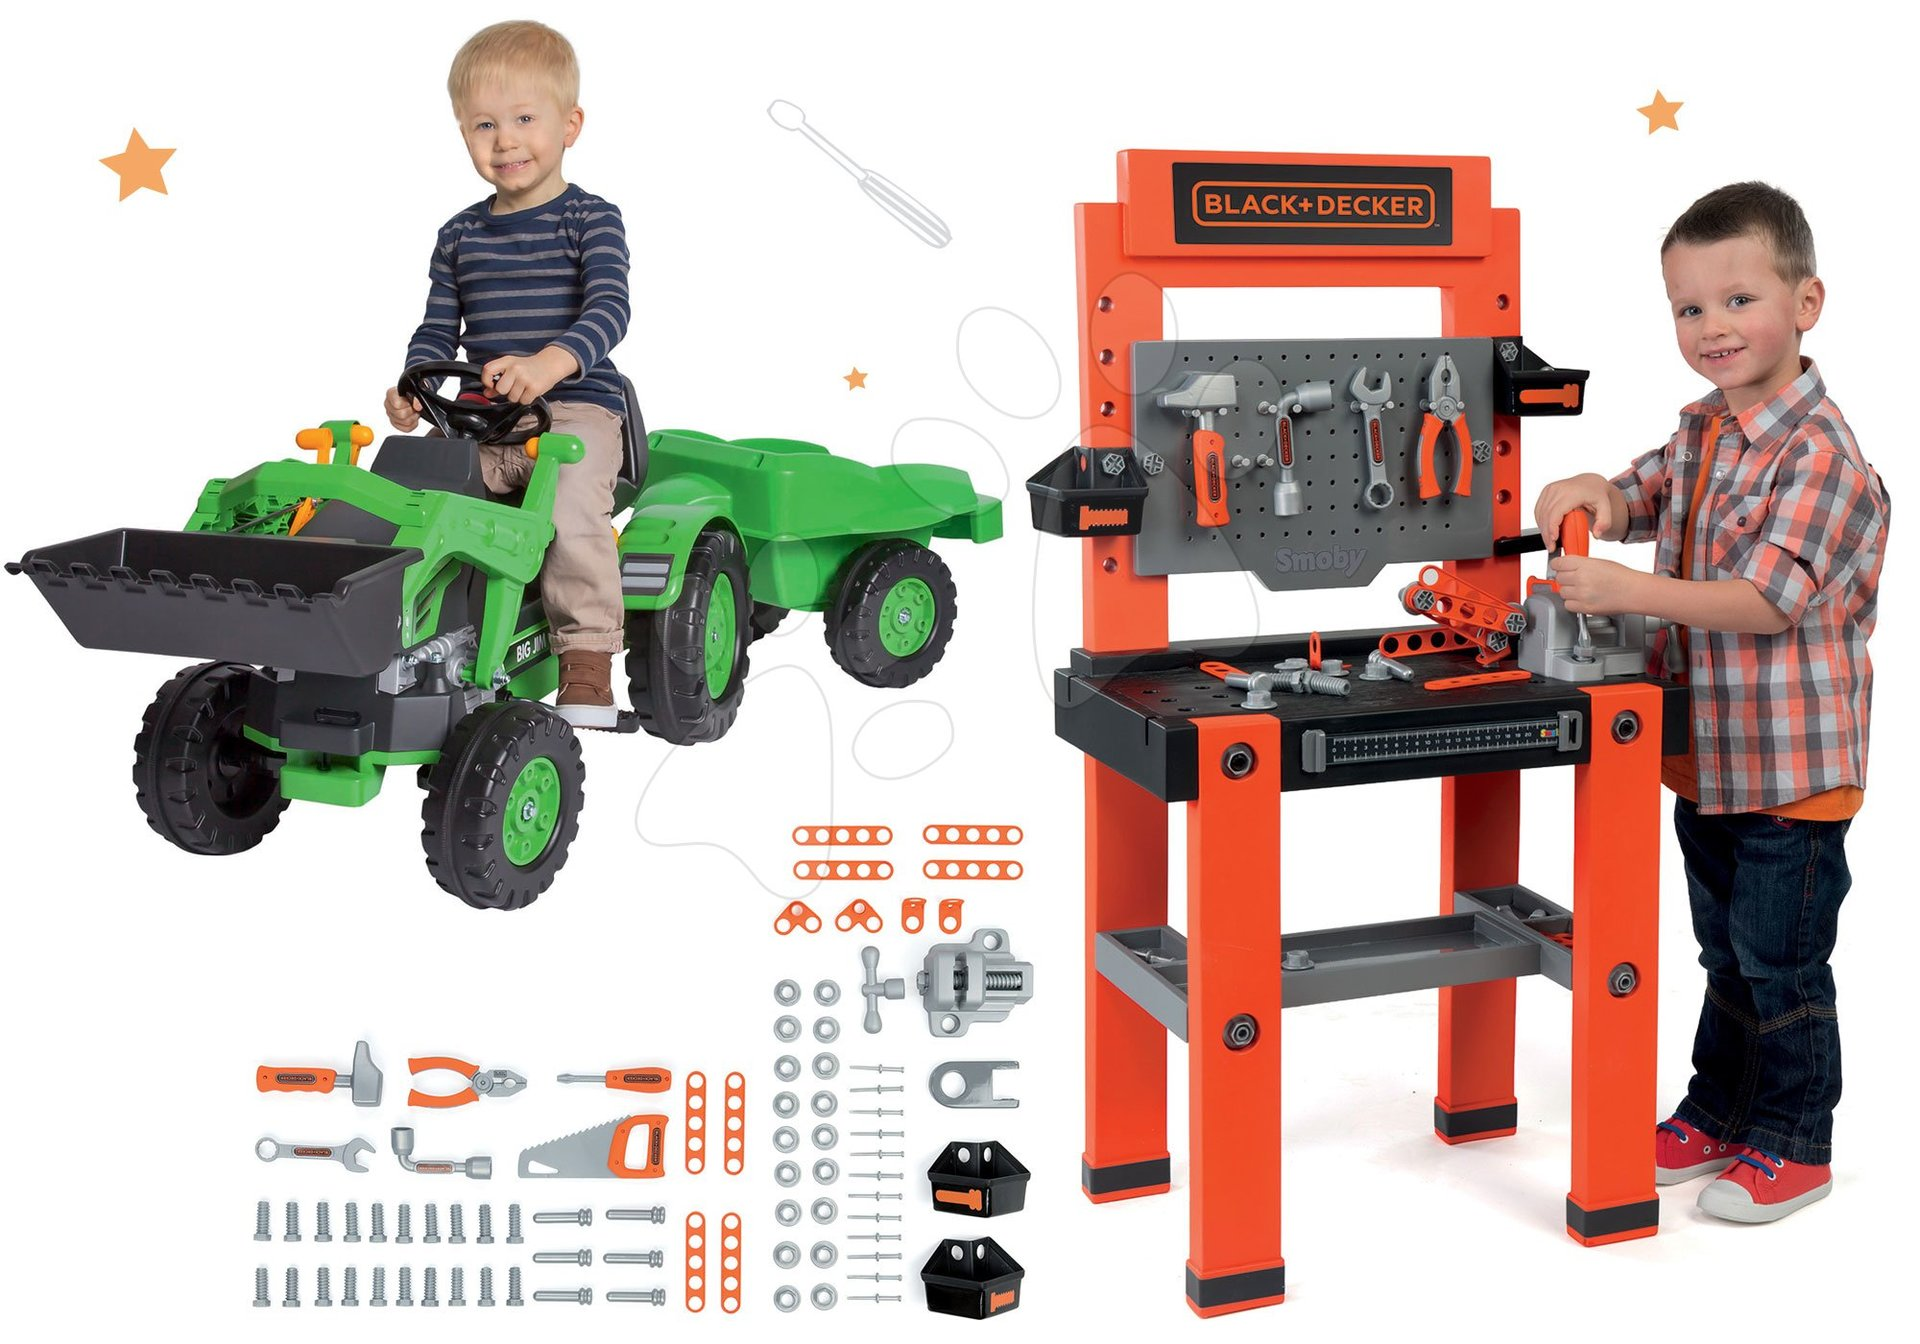 Smoby set pracovná dielňa Blac+Decker so 79 doplnkami a traktor na šliapanie Jim Loader s nakladačom a prívesom 3608700-9